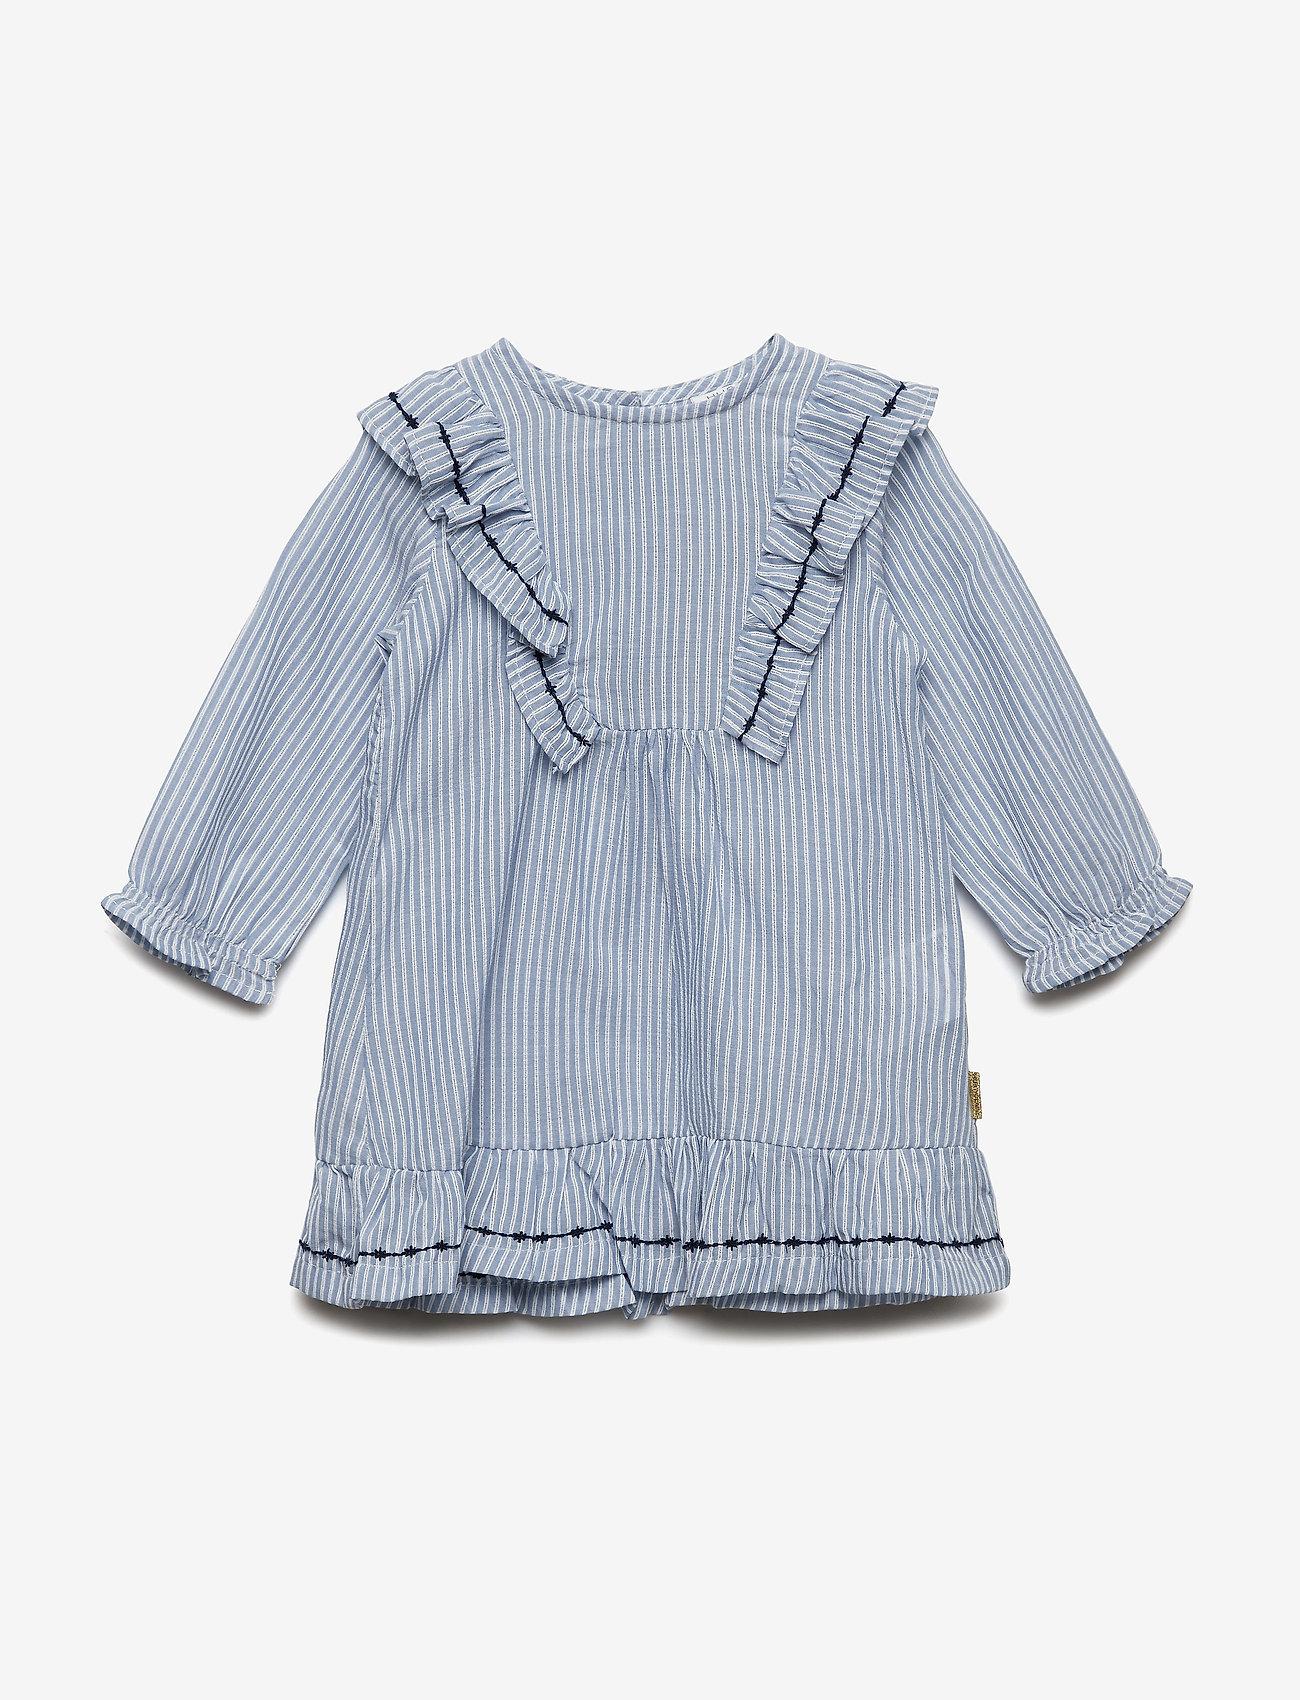 Hust & Claire - Drita - Dress - kleider - zen blue - 0